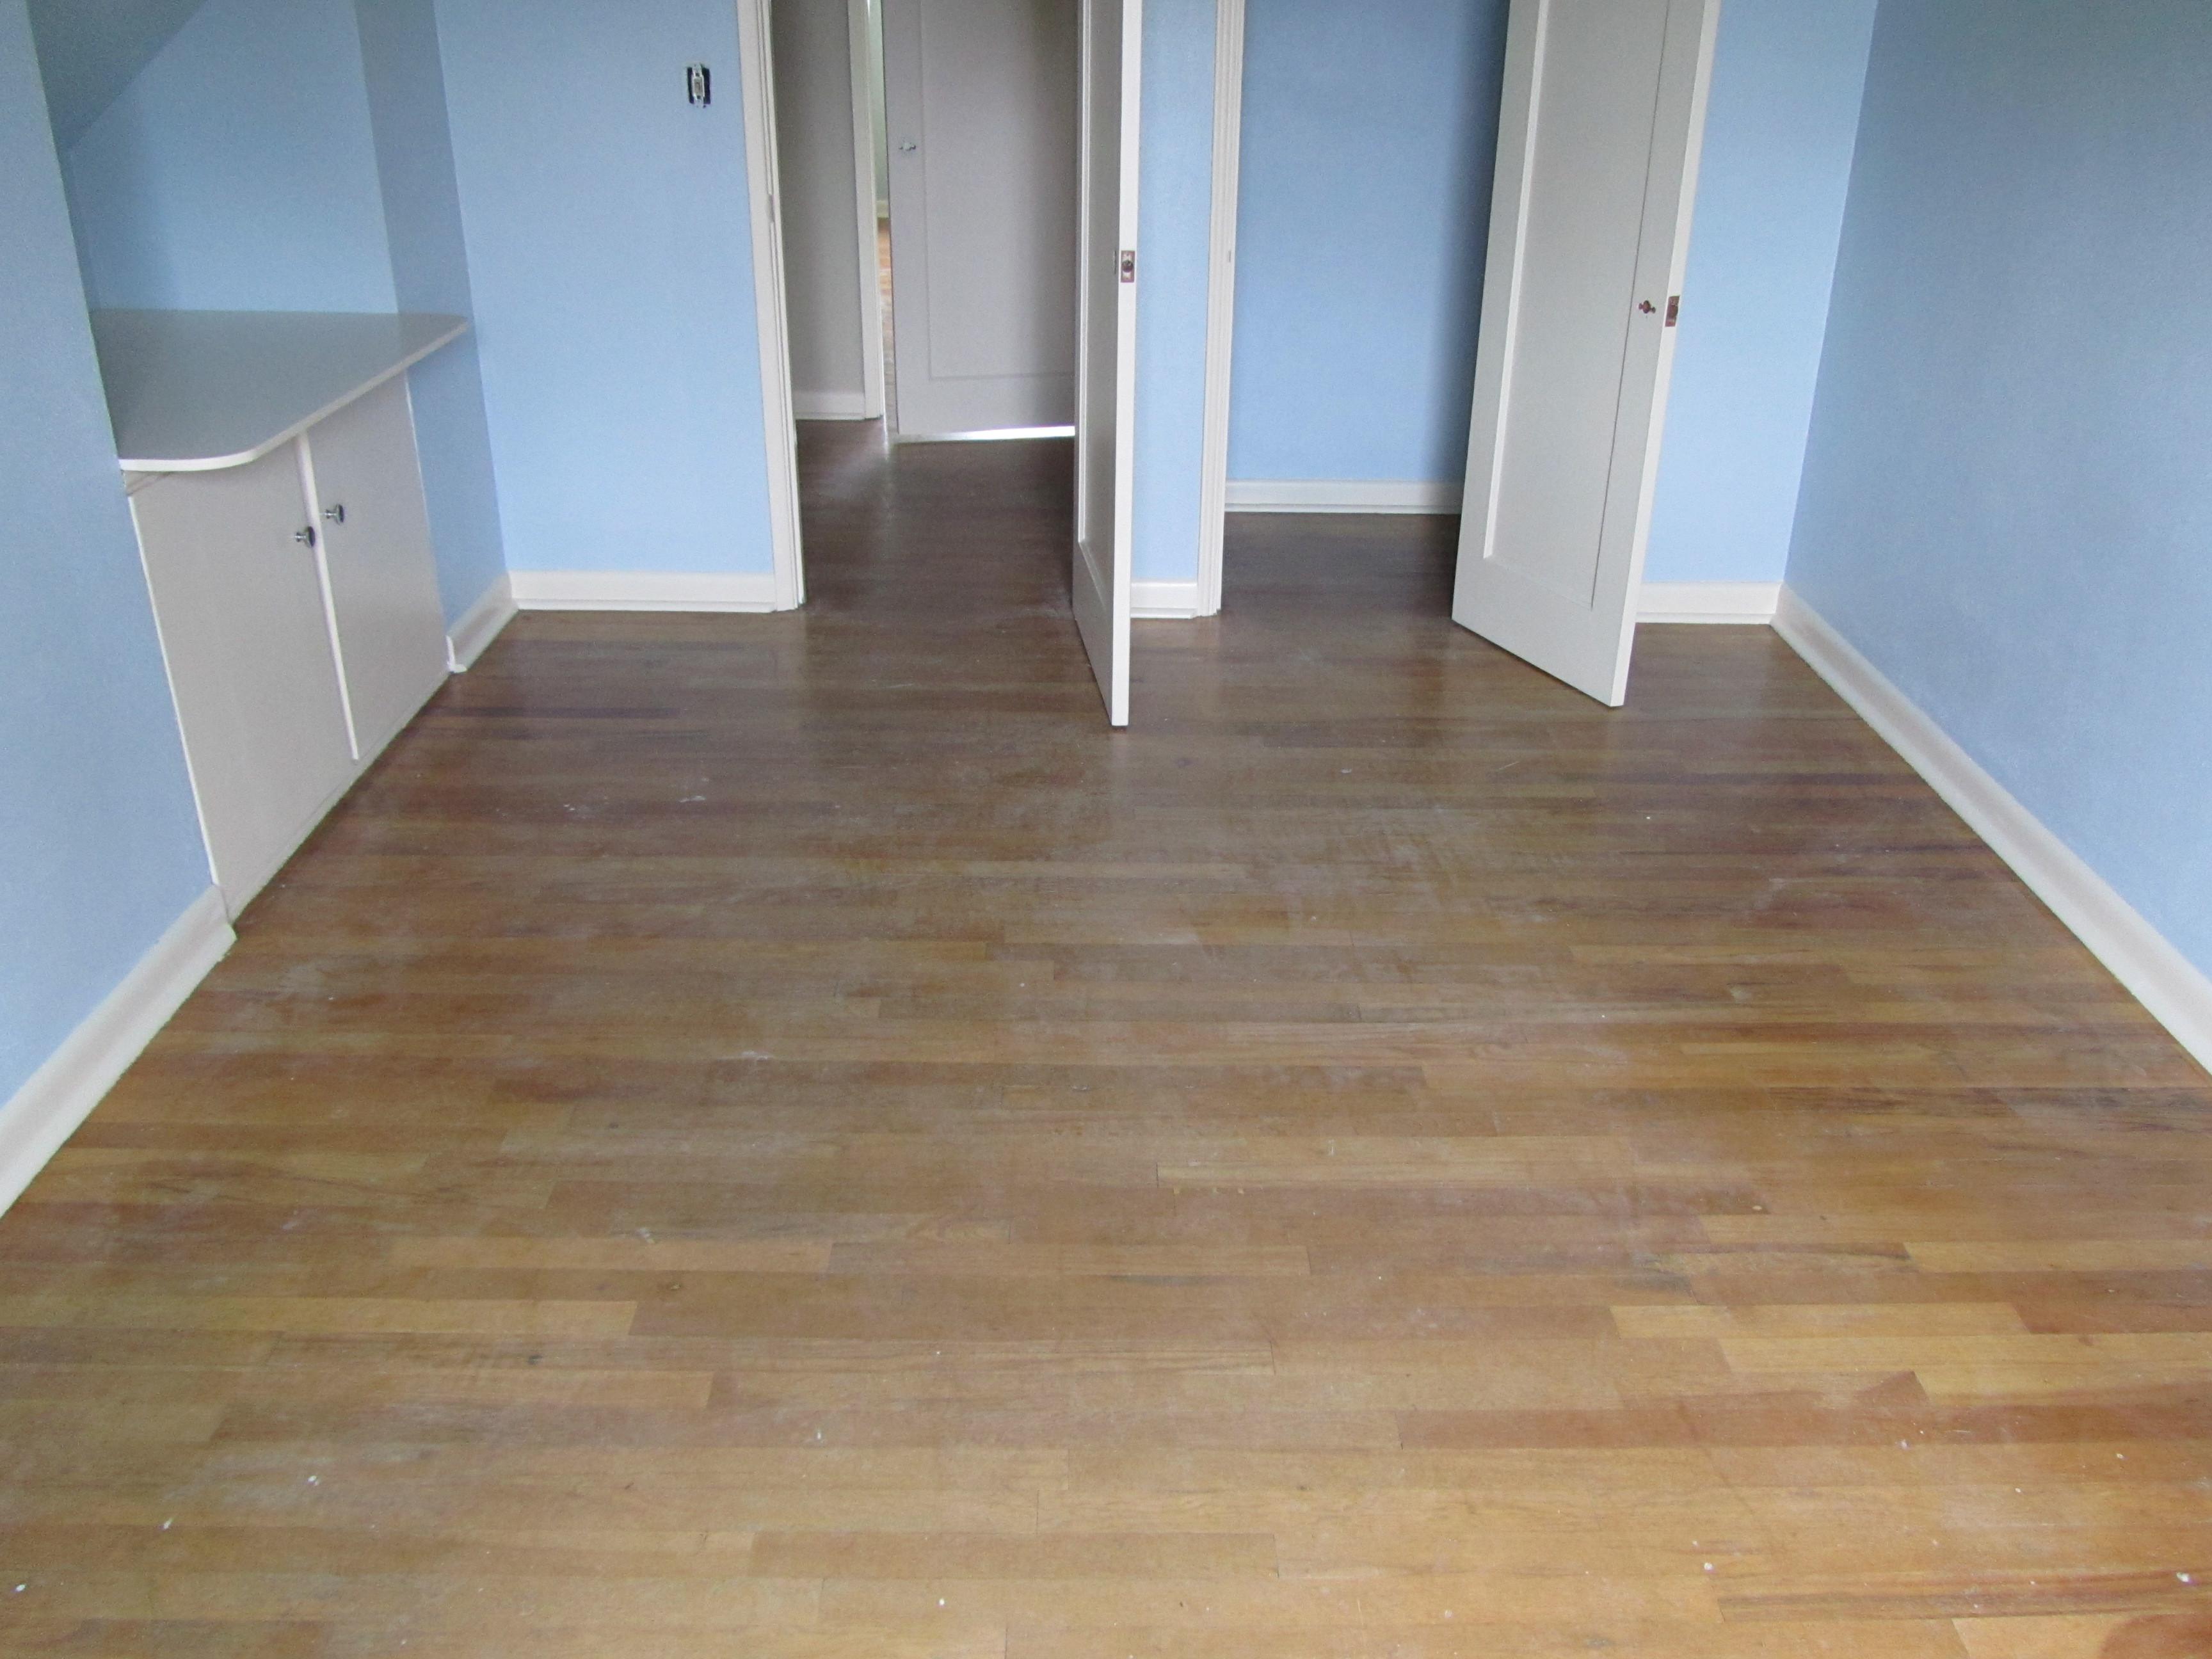 hardwood flooring suppliers seattle of oak flooring new oak flooring seattle within oak flooring seattle